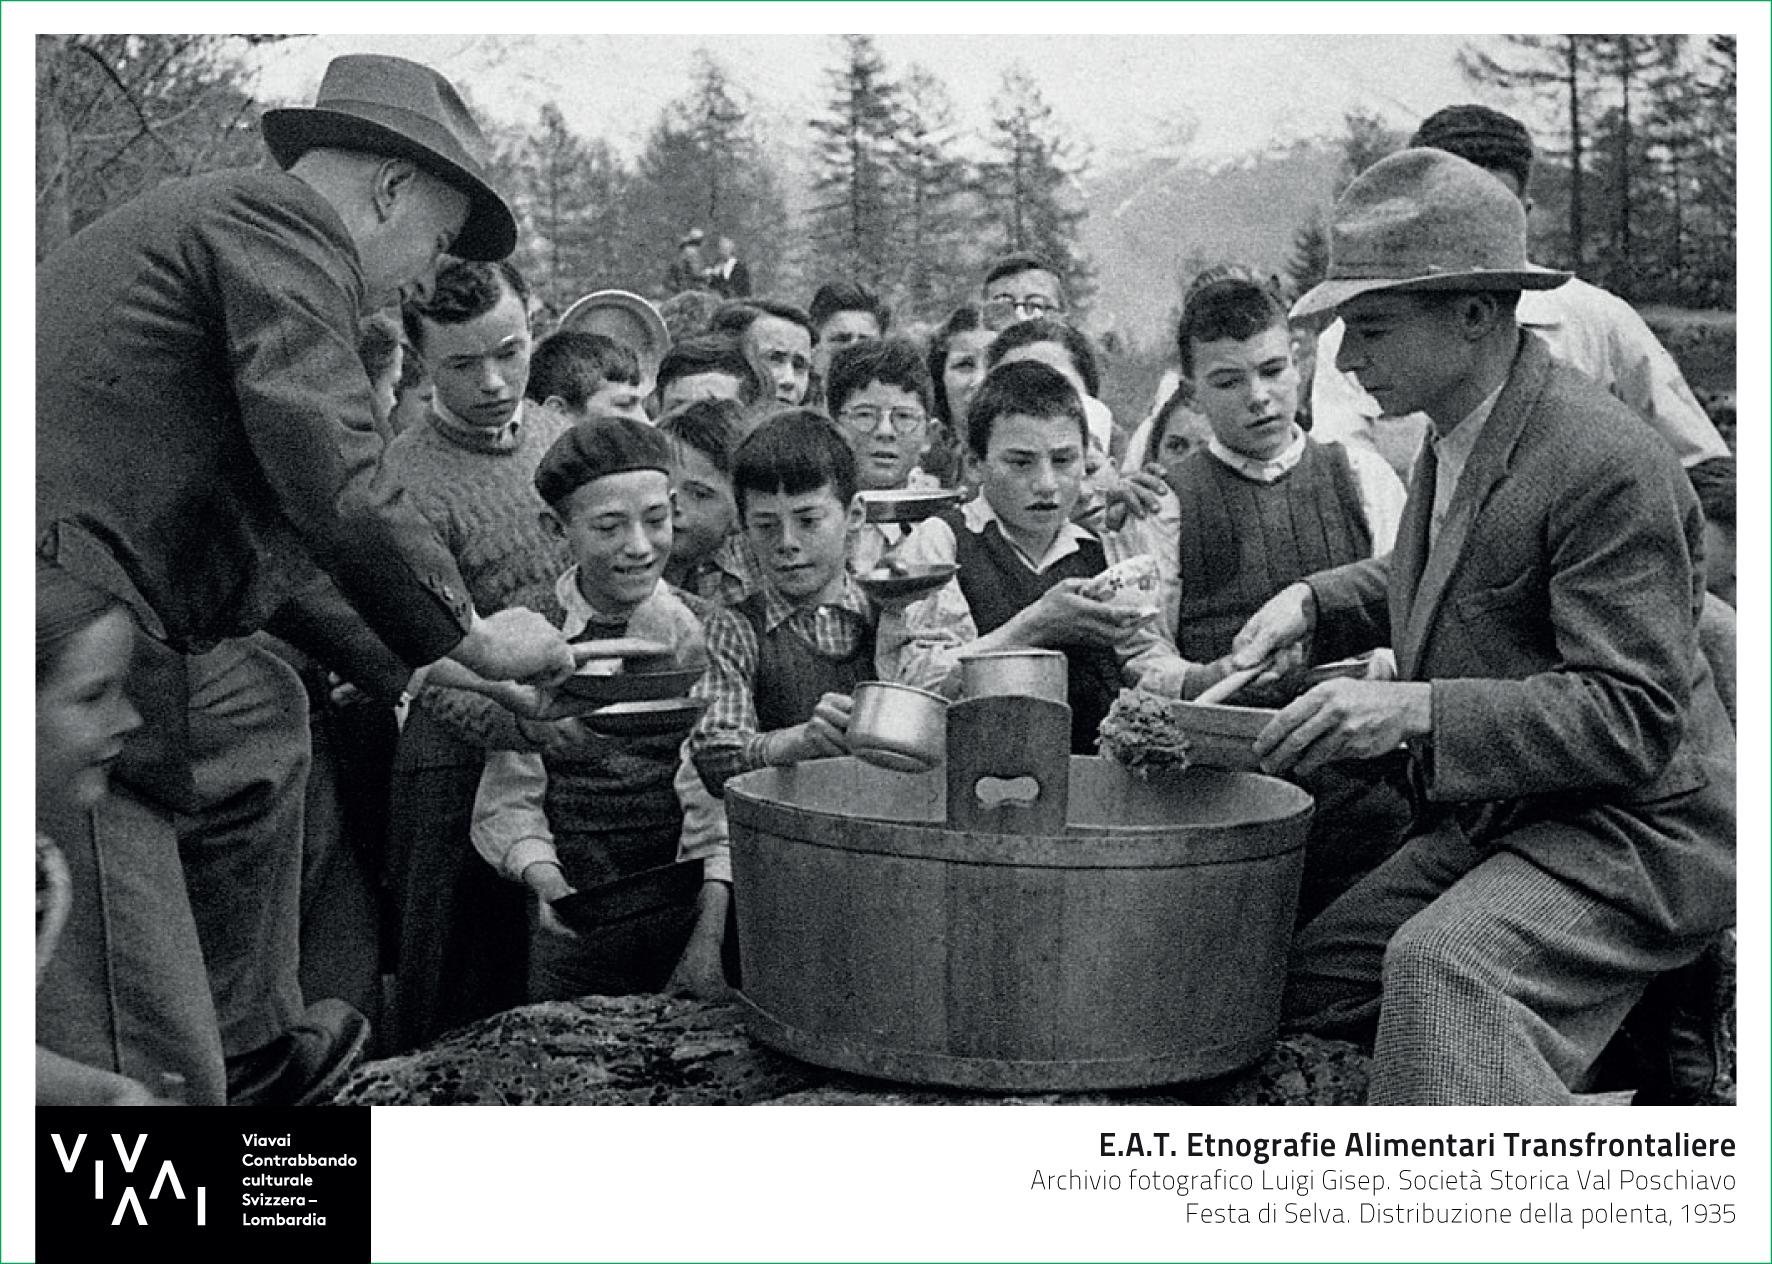 E.A.T. - Etnografie Alimentari Transfrontaliere (2015)